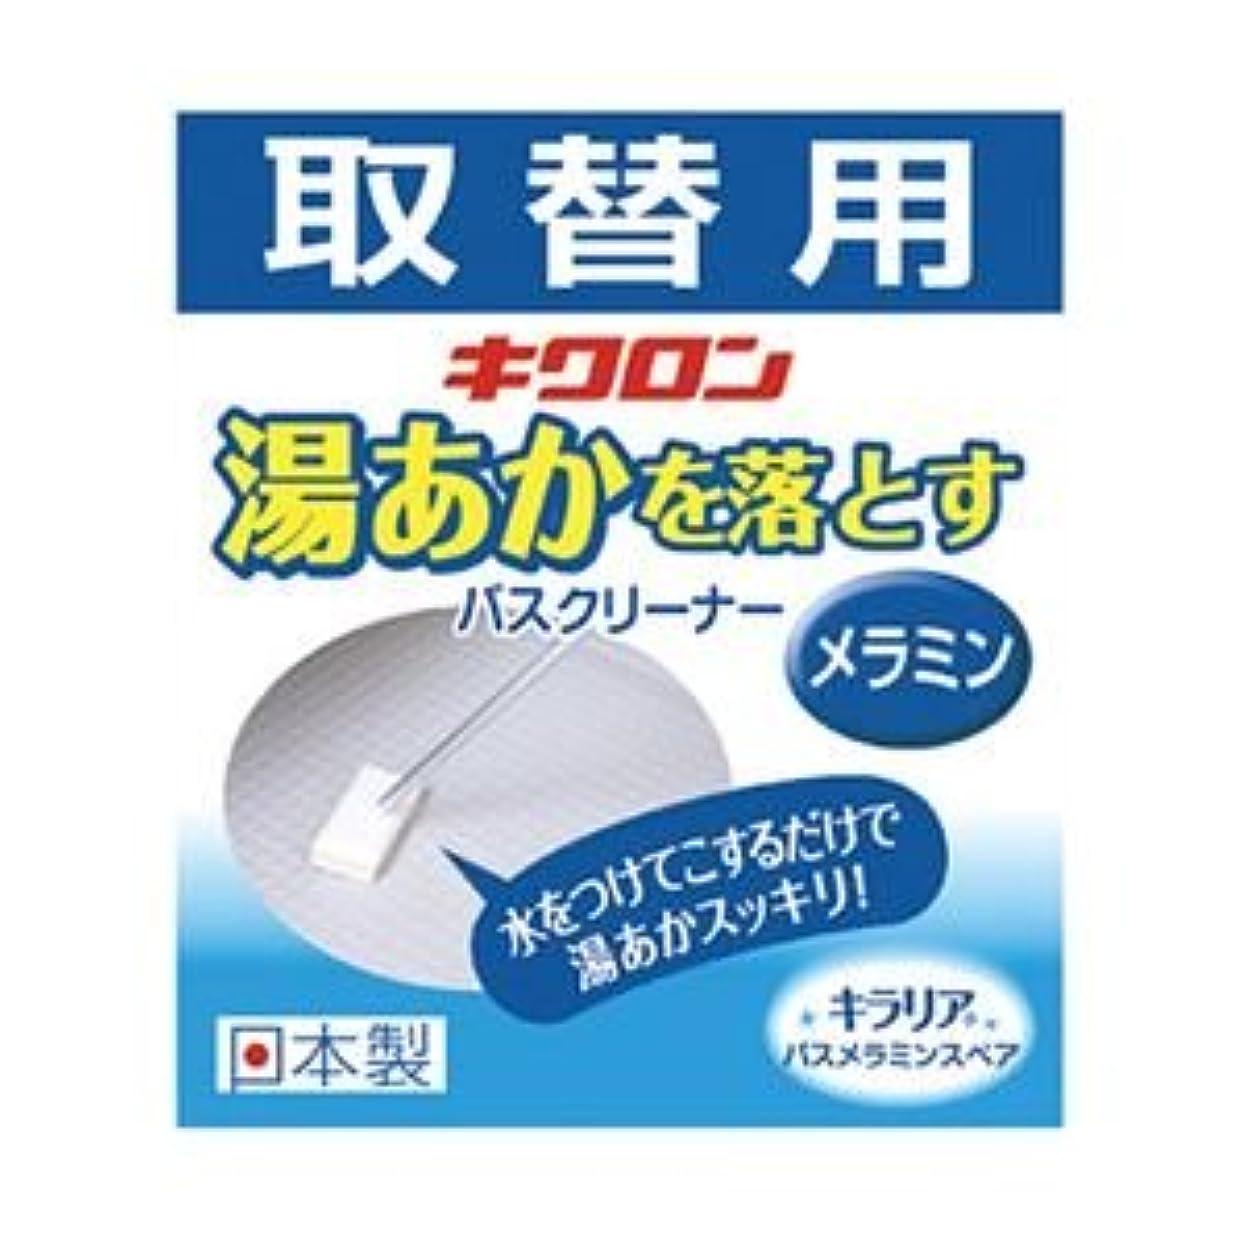 センチメートル次へ言い聞かせる(業務用セット) キクロン バス洗い用メラミンスポンジ 取替用 1個 【×20セット】